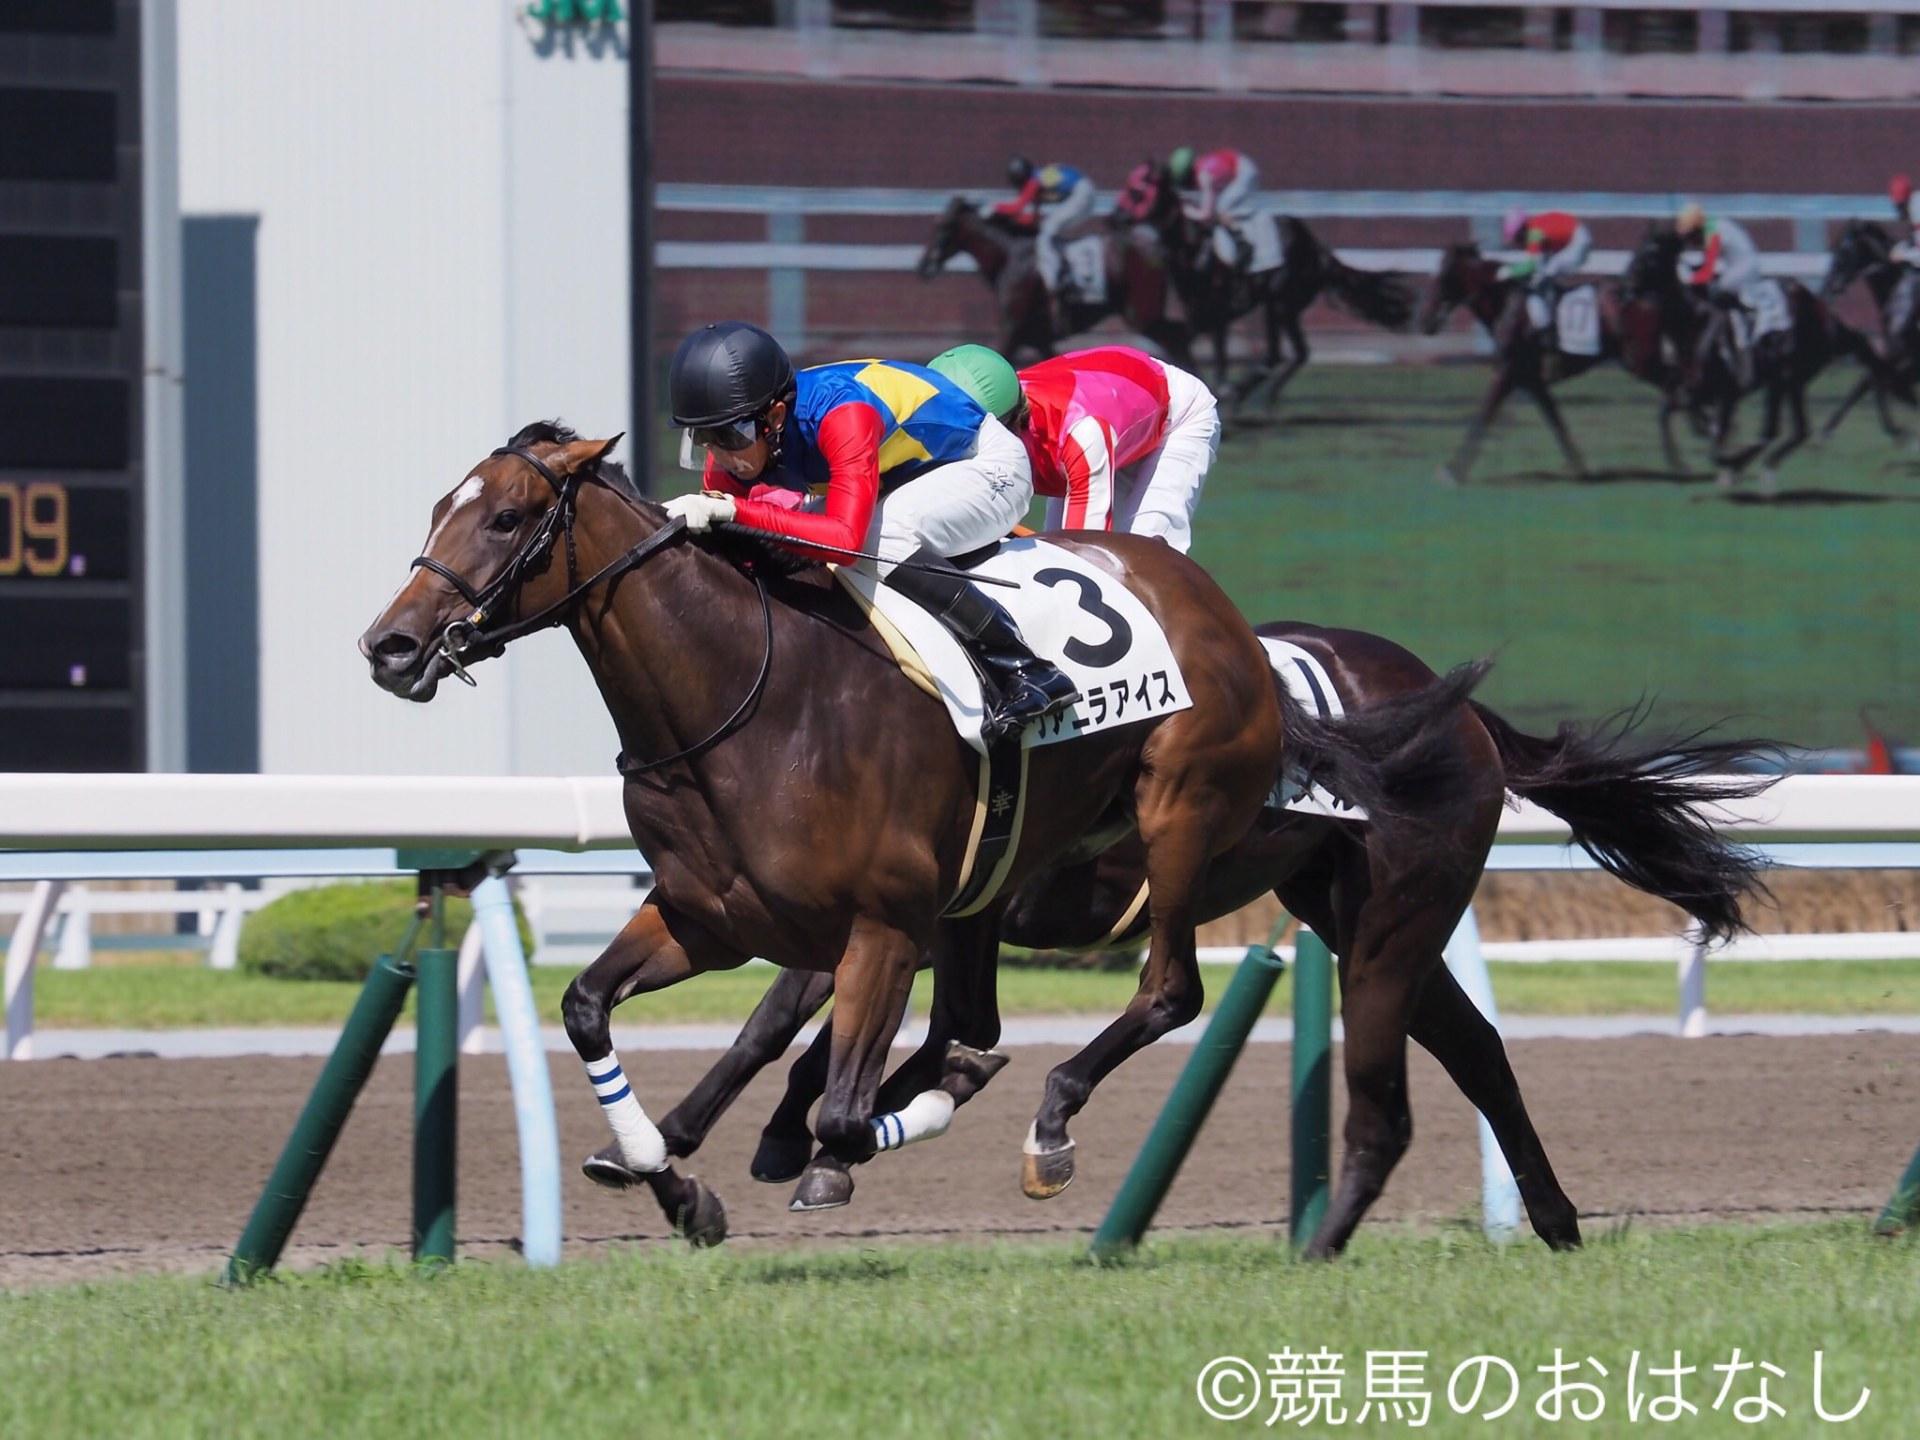 【小倉1R/2歳未勝利】キンシャサノキセキ産駒 ヴァニラアイスが人気にこたえる